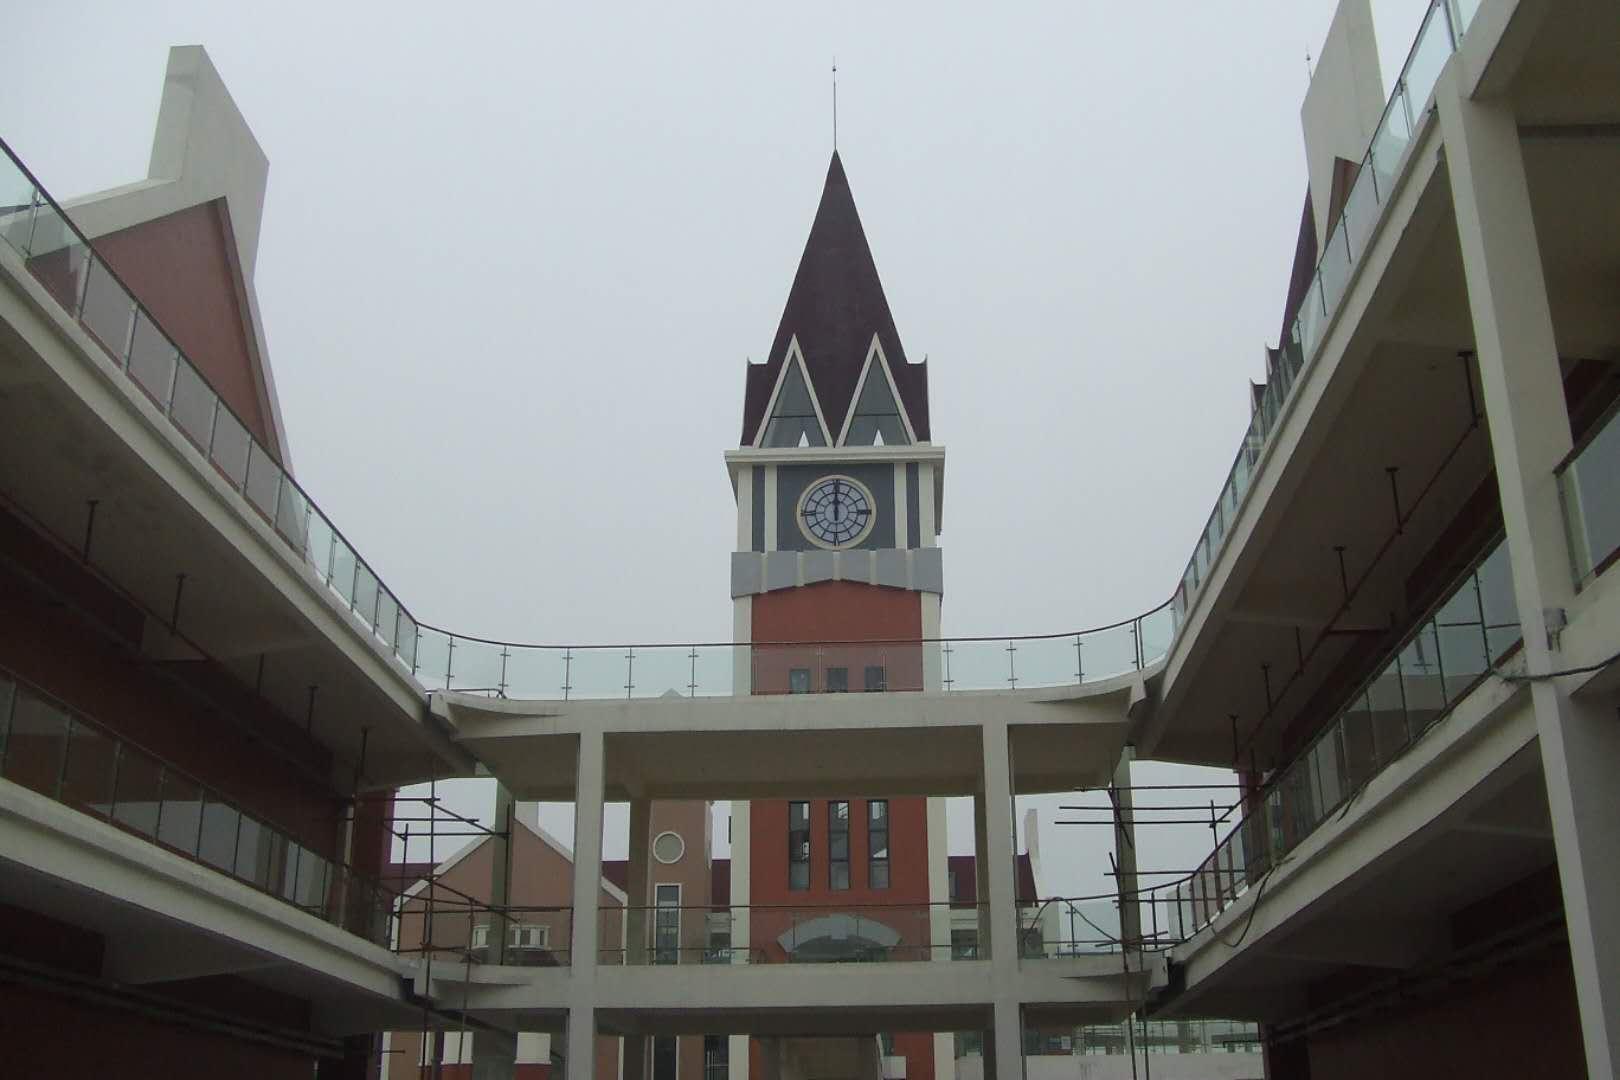 外墙挂钟 学校外墙大钟 塔楼大钟厂家 南京钟厂 历史悠久闻名遐迩